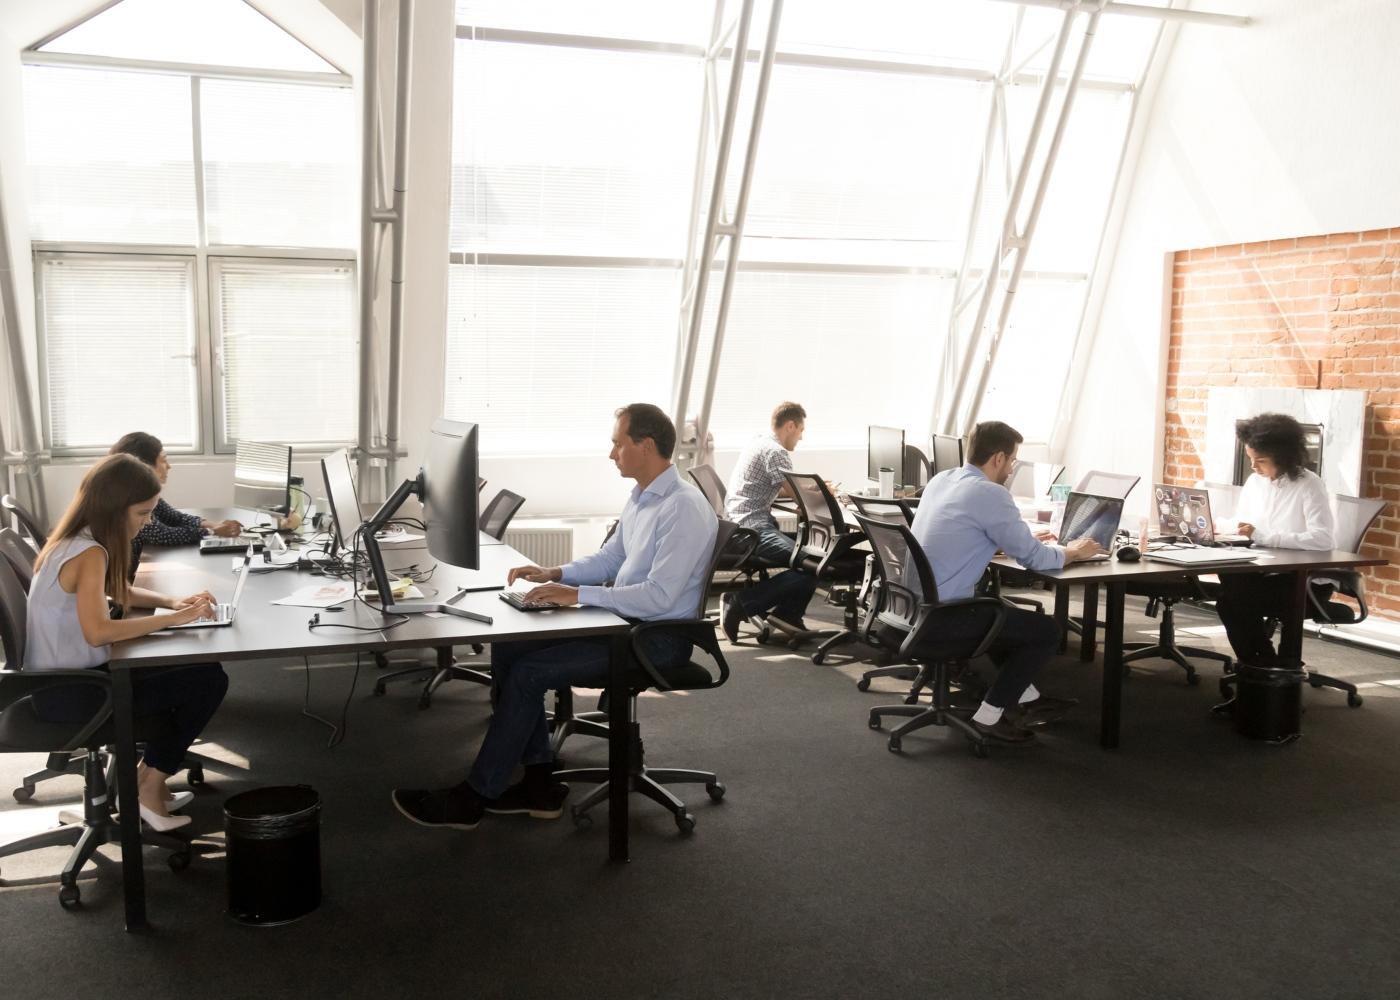 pessoas a trabalhar num escritório em open space